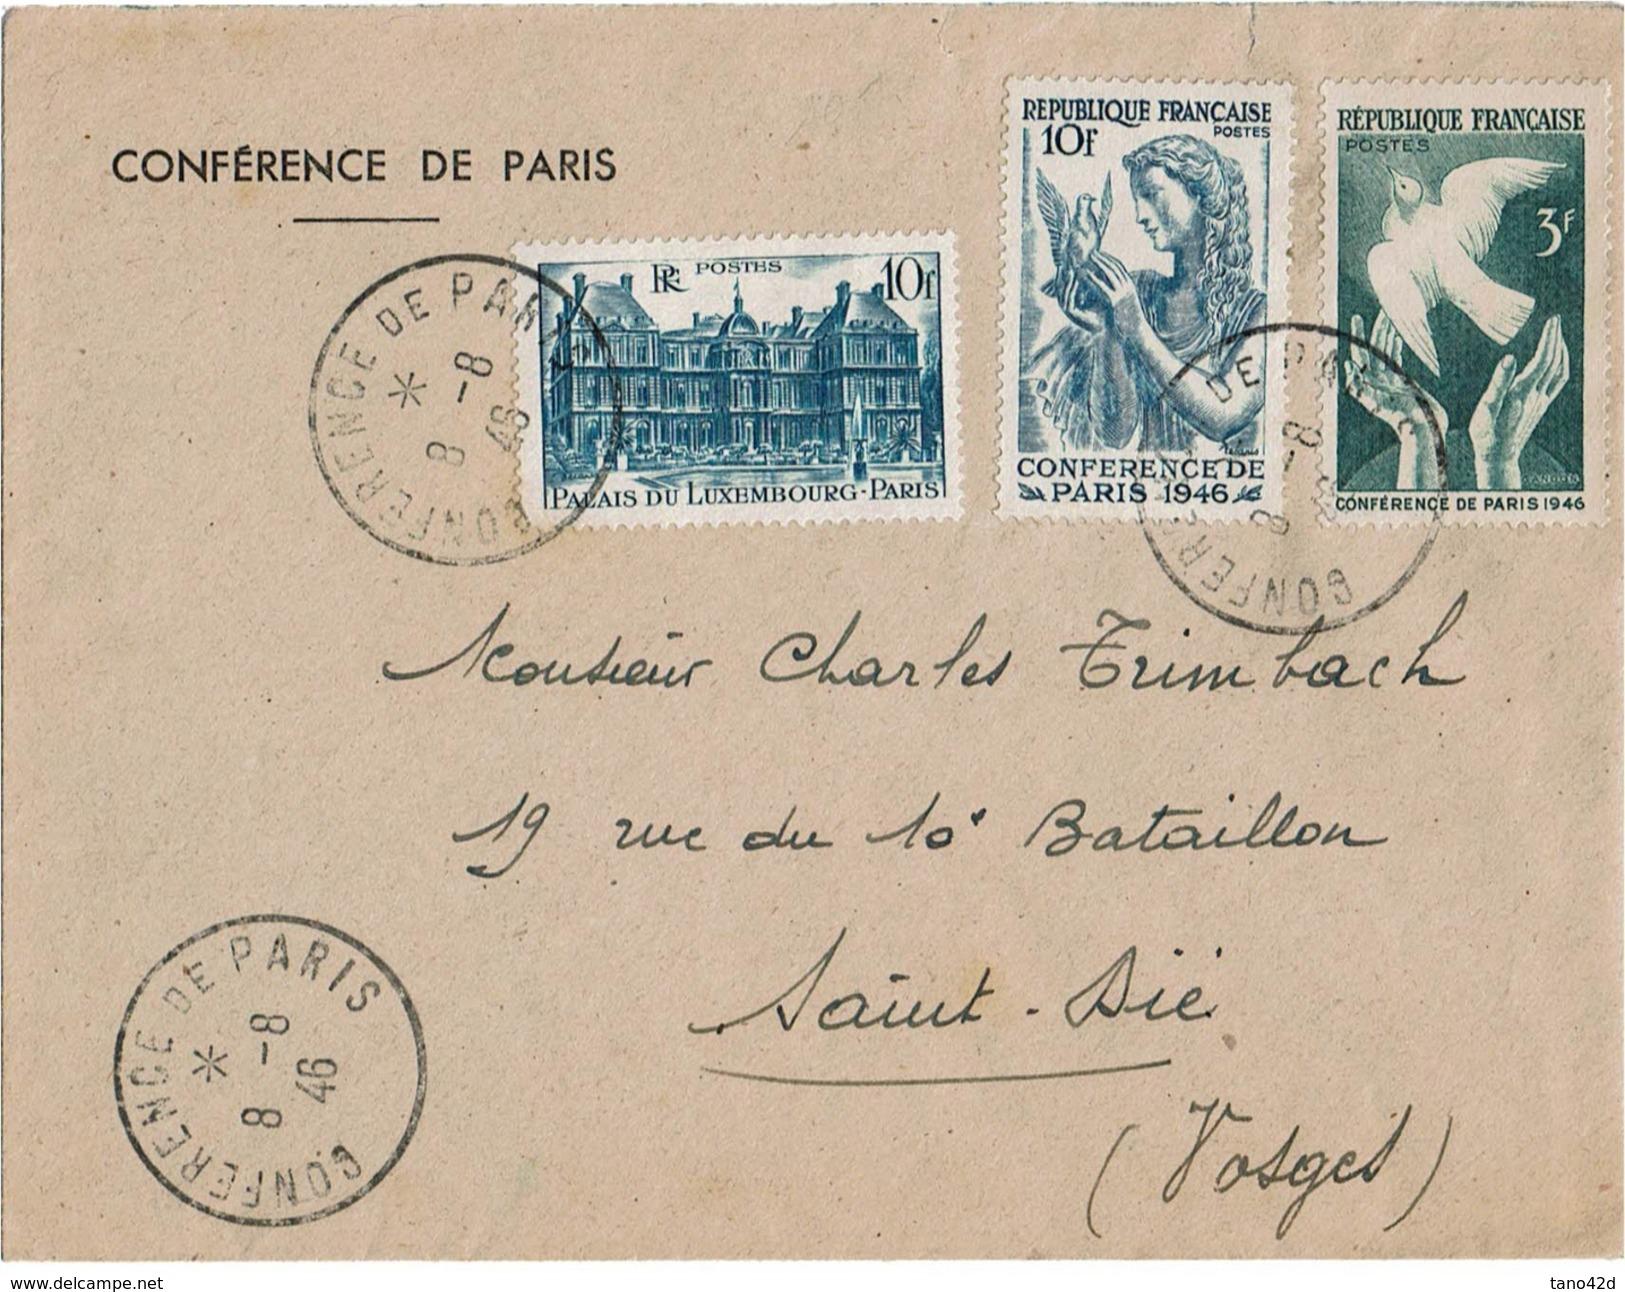 CTN46 - LETTRE CONFERENCCE DE PARIS  8/8/1946 - France